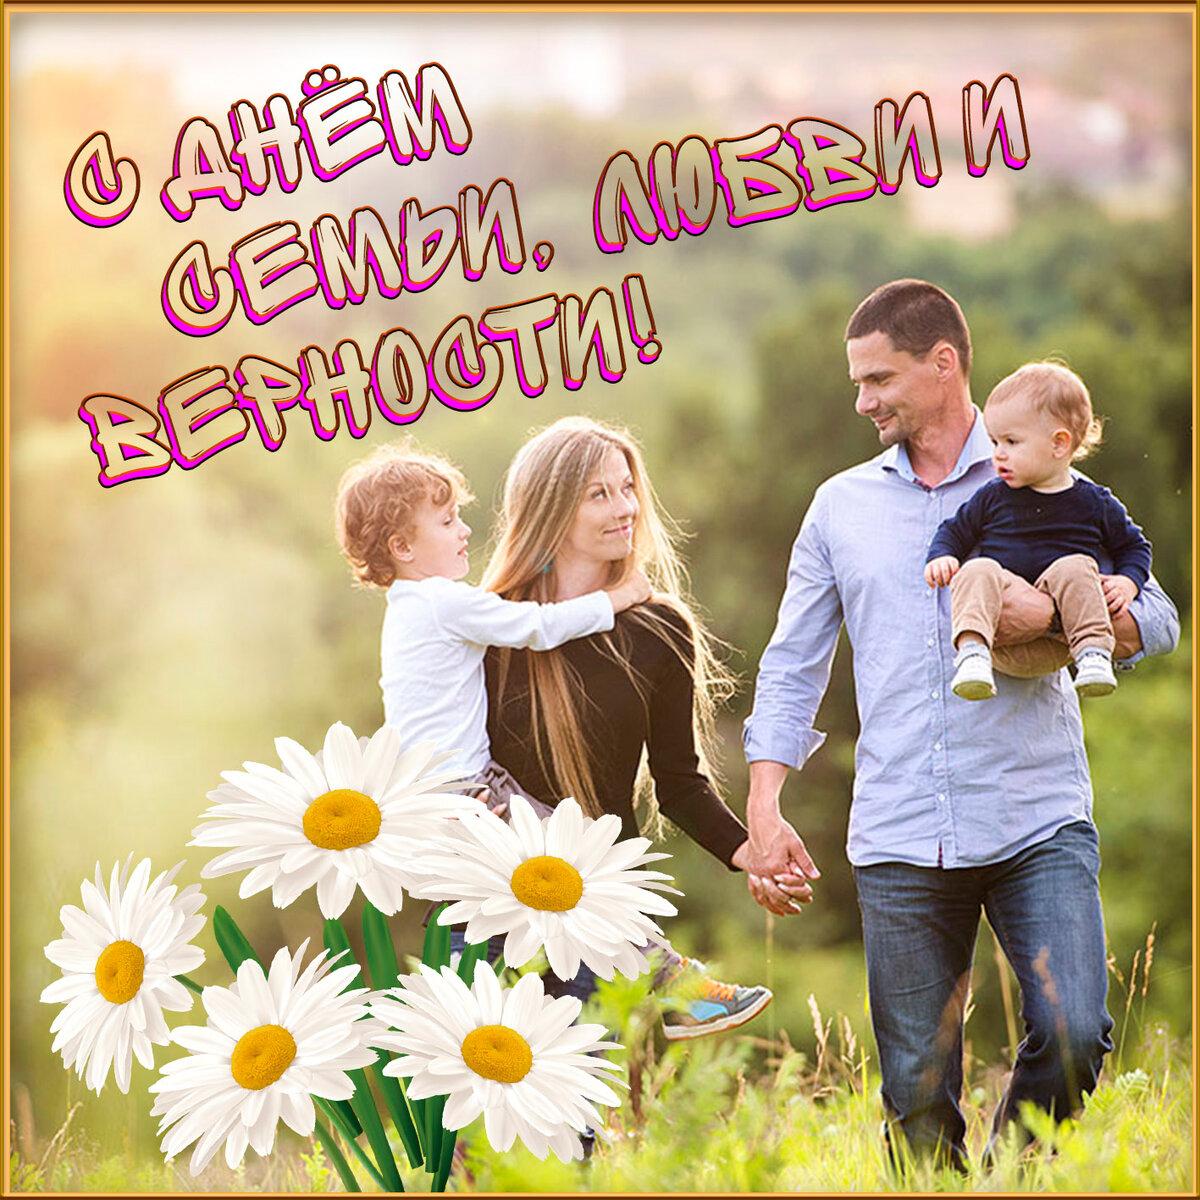 Поздравления внуком, день любви семьи и верности картинки красивые